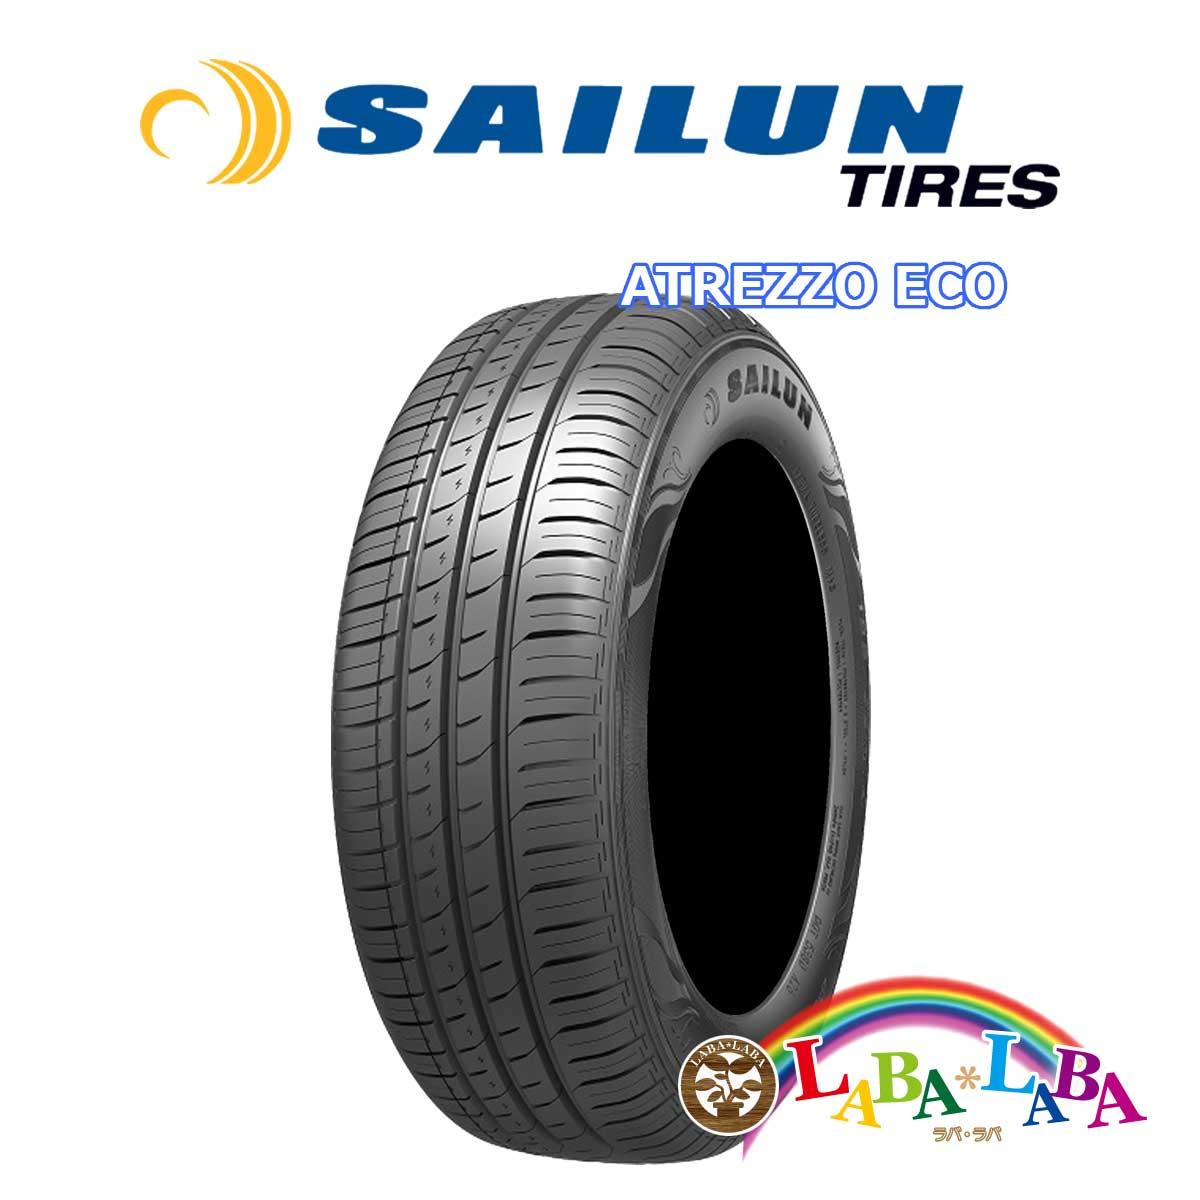 送料無料 輸入タイヤ 返品送料無料 出荷 サマータイヤ 新品 タイヤのみ 2本SET SAILUN サイレン 65R15 72T 145 ATREZZO アトレッツォ ECO 2本セット